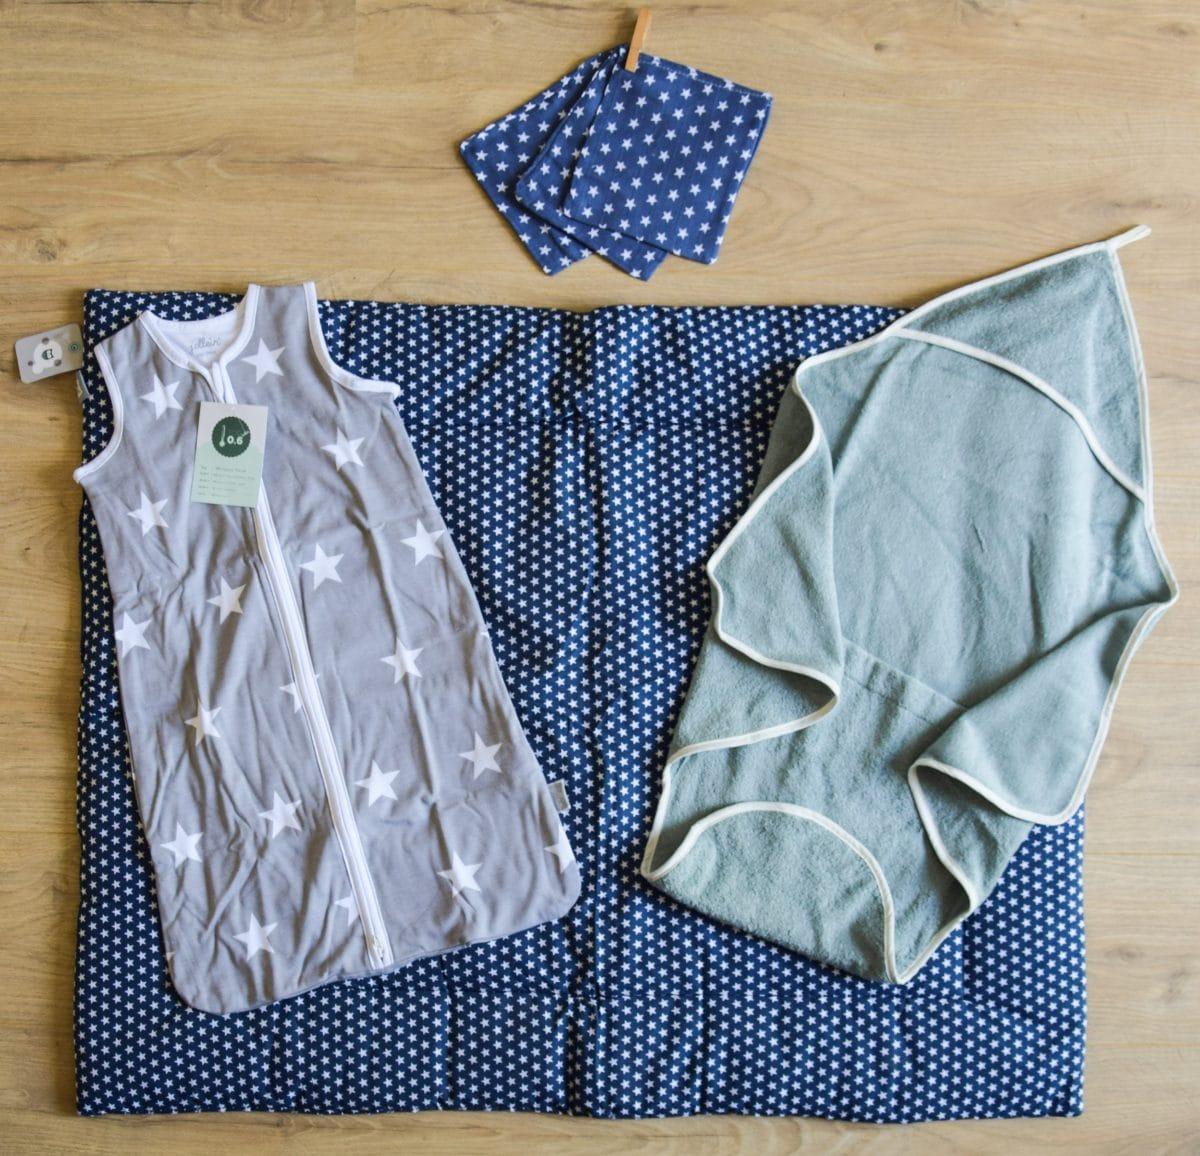 Spullen Voor Babyshower.Shoplog Babyshower Cadeautjes Lekkers Benodigdheden Luiertaart